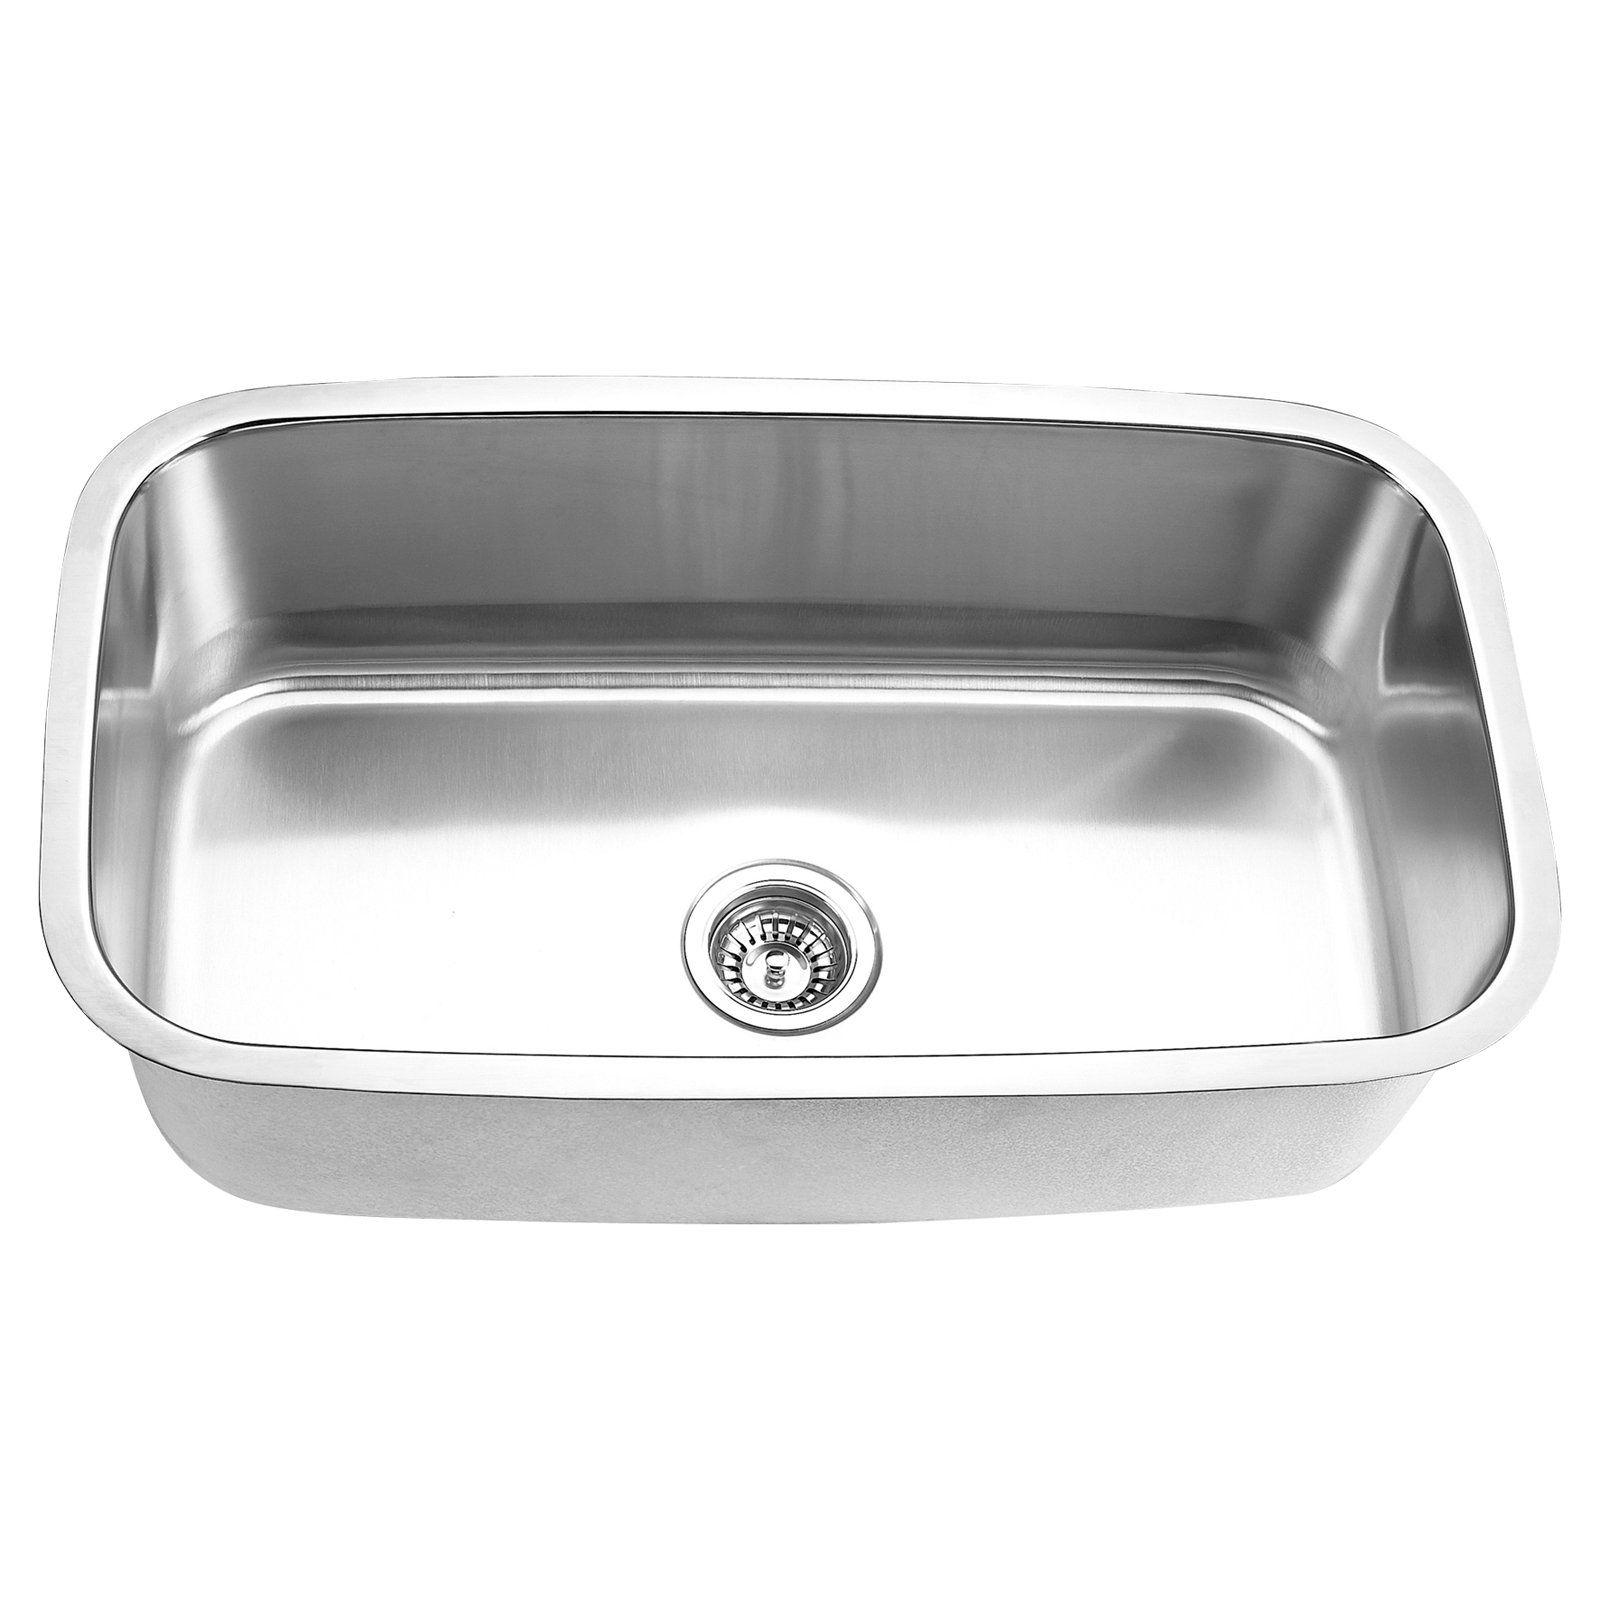 Kraus Standart Pro 33 In X 22 In Stainless Steel Single Basin Drop